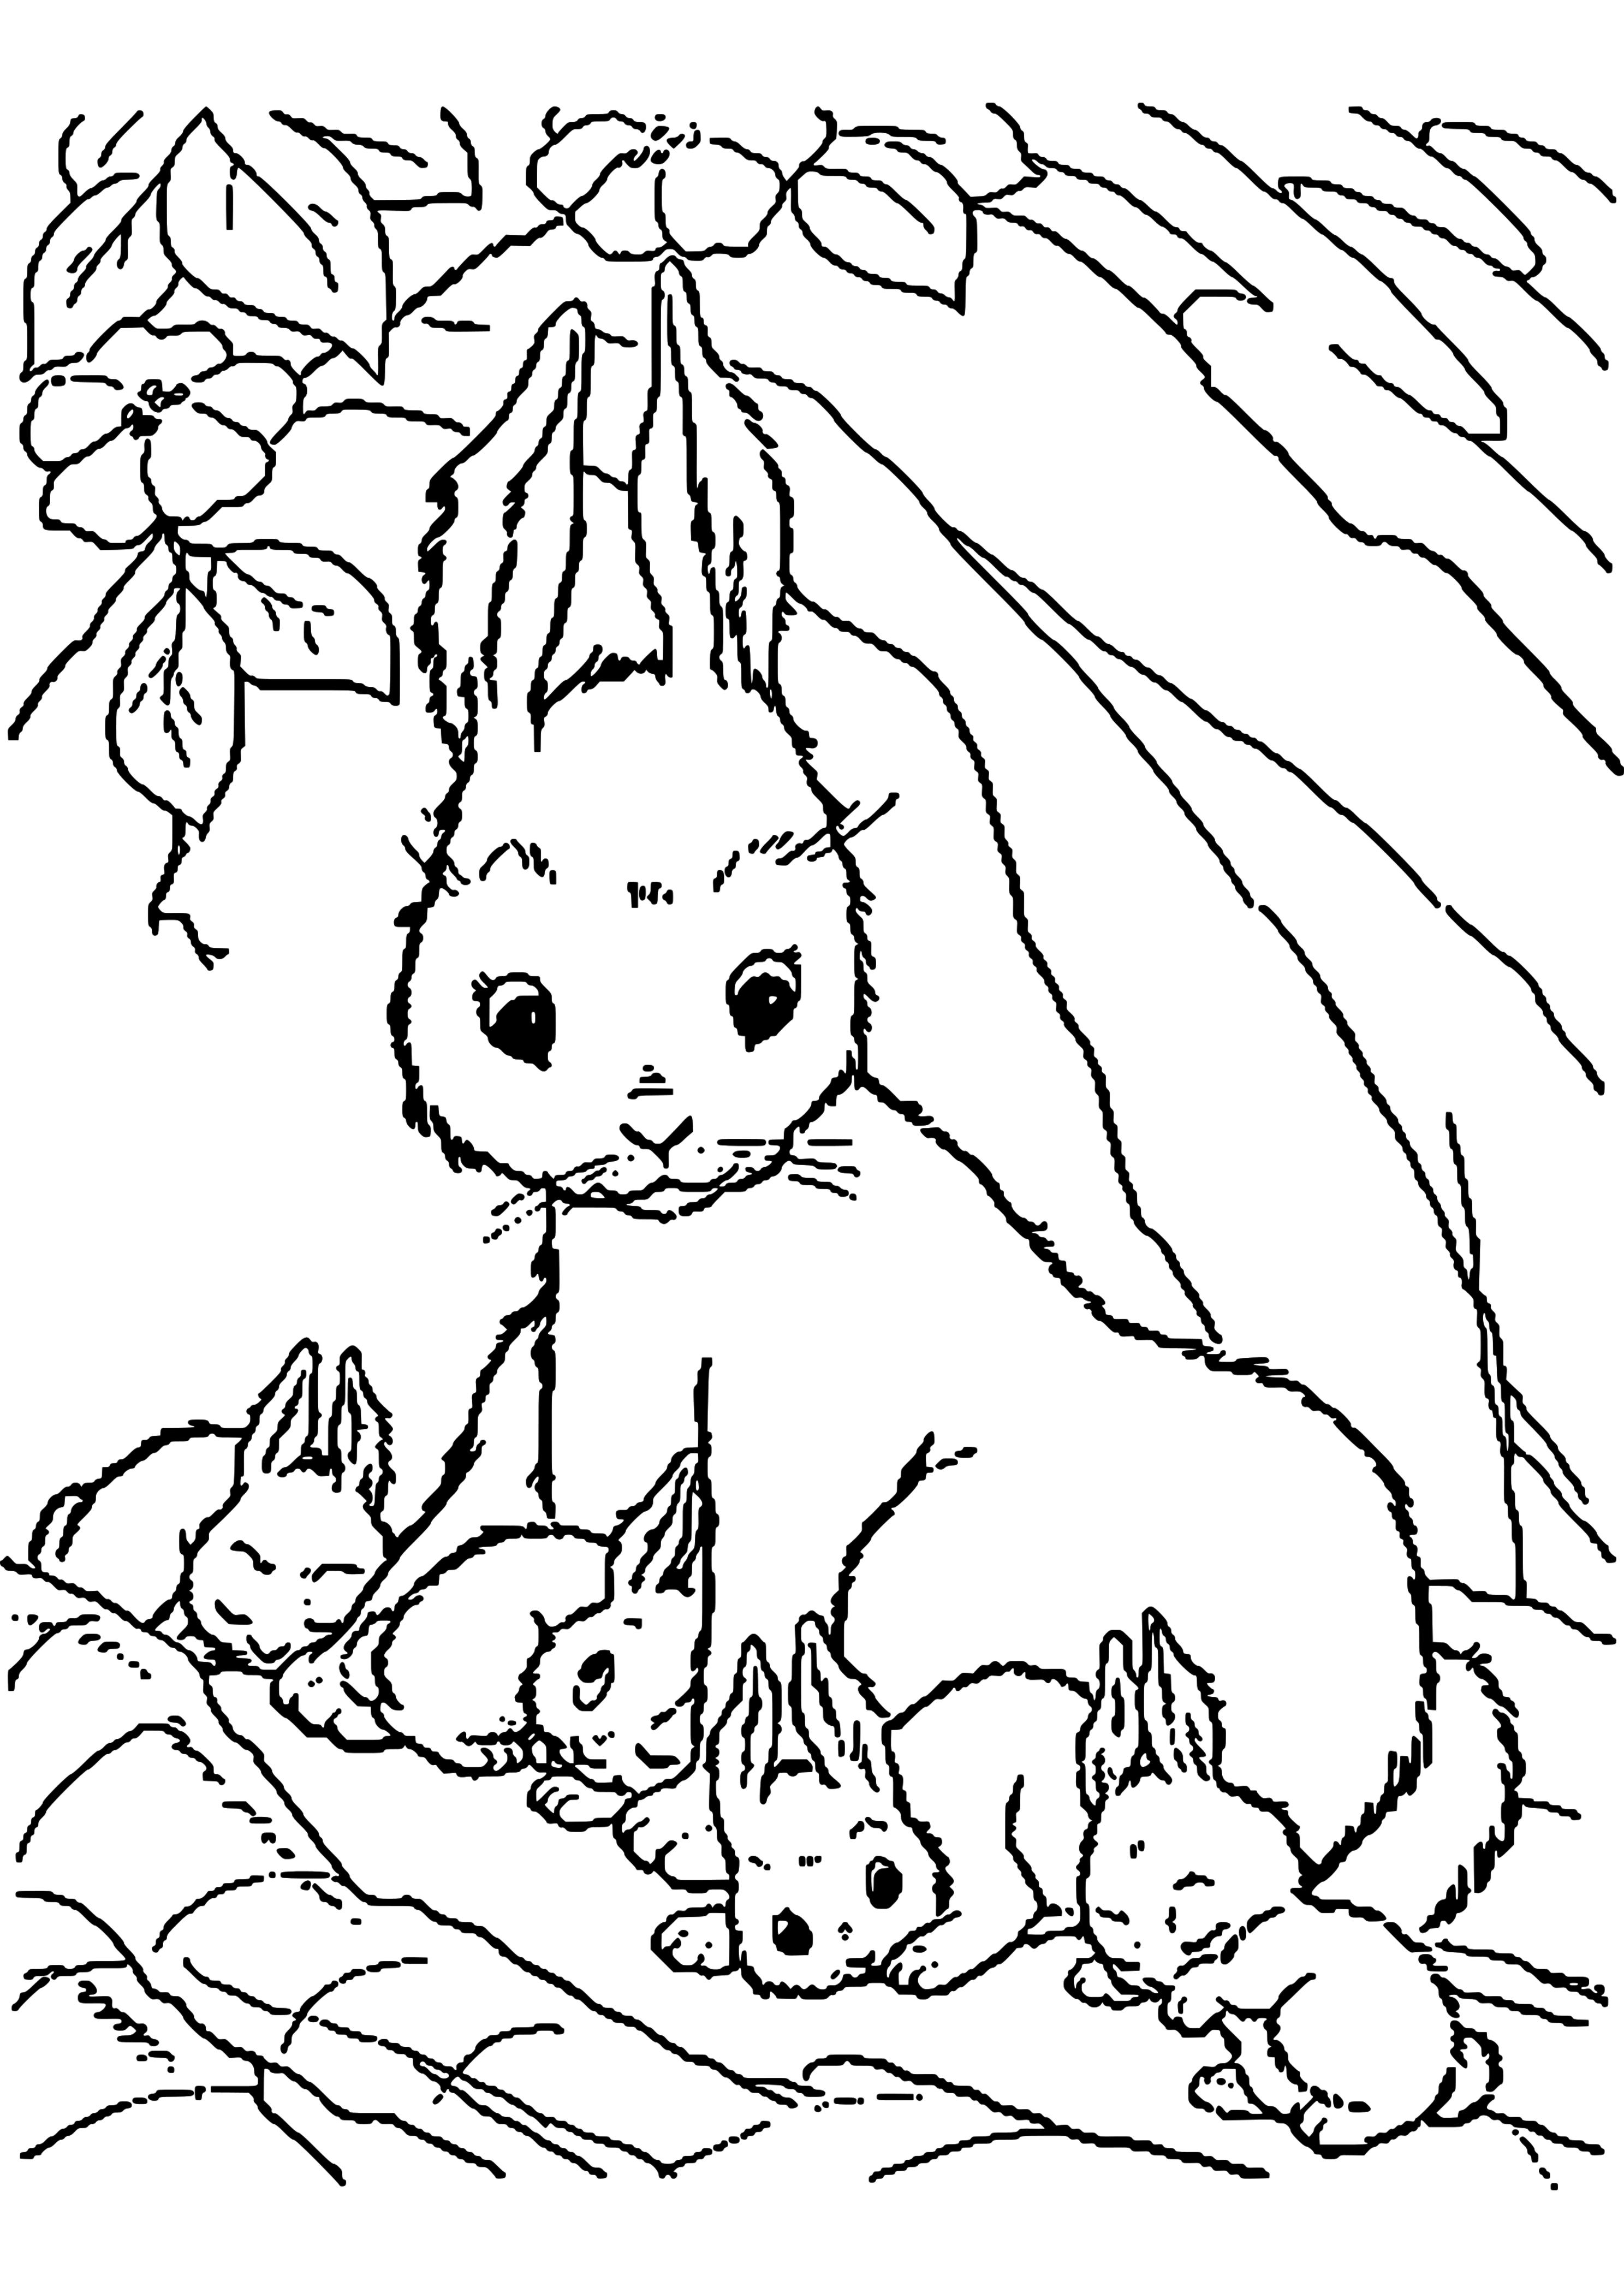 Ausmalbilder Kaninchen 09 Ausmalbilder Tiere Ausmalbilder Malvorlagen Tiere